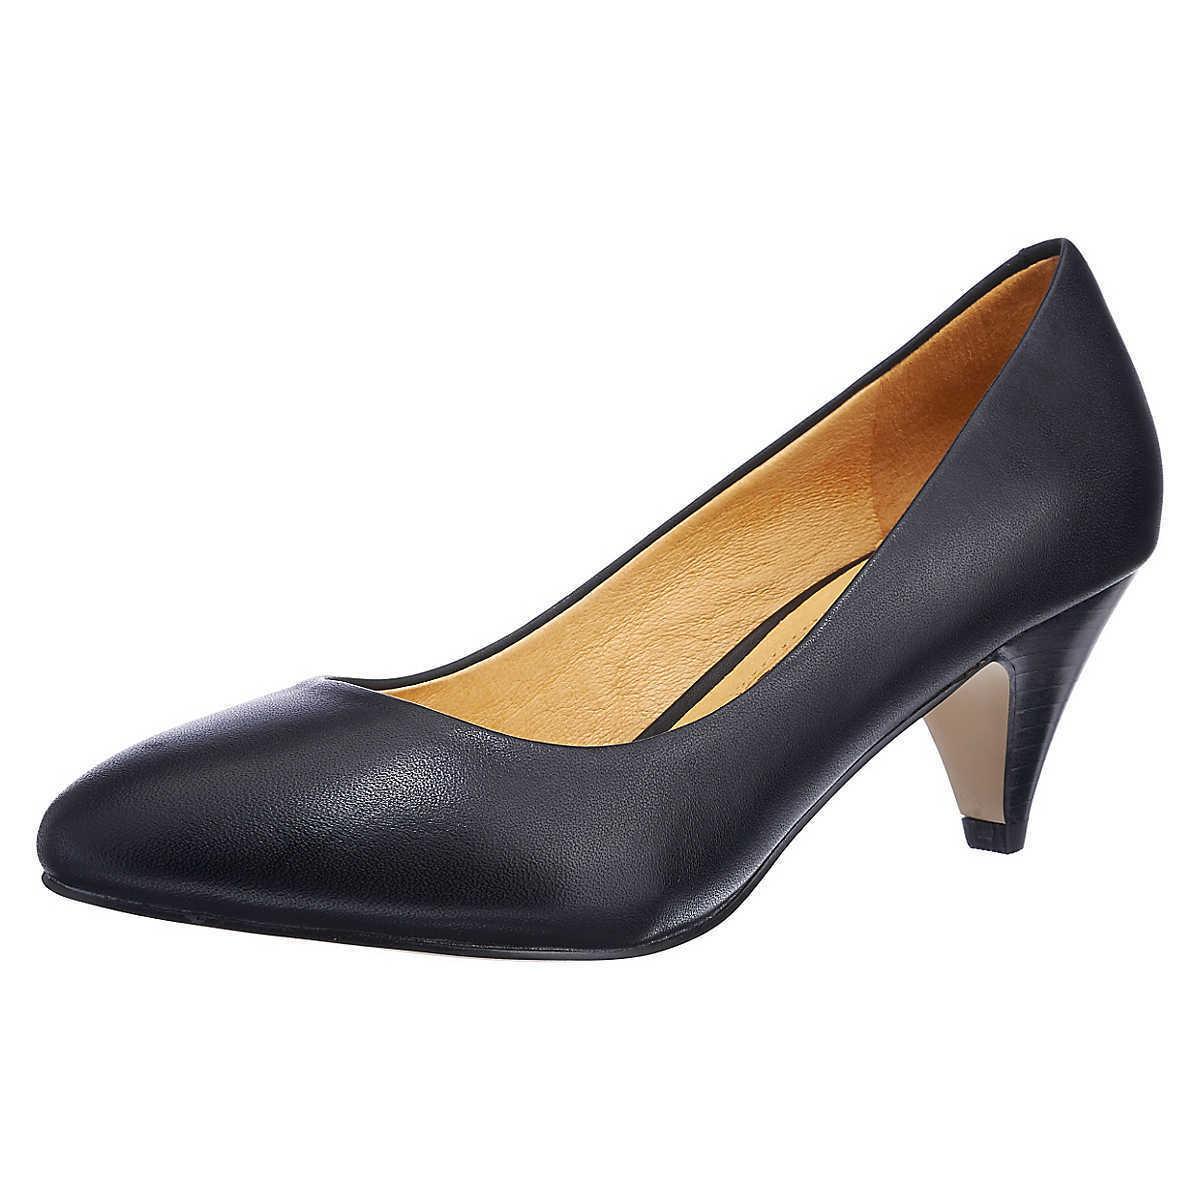 Buffalo londres señora zapatos señora señora señora zapatos pumps, negro, talla 37  80% de descuento